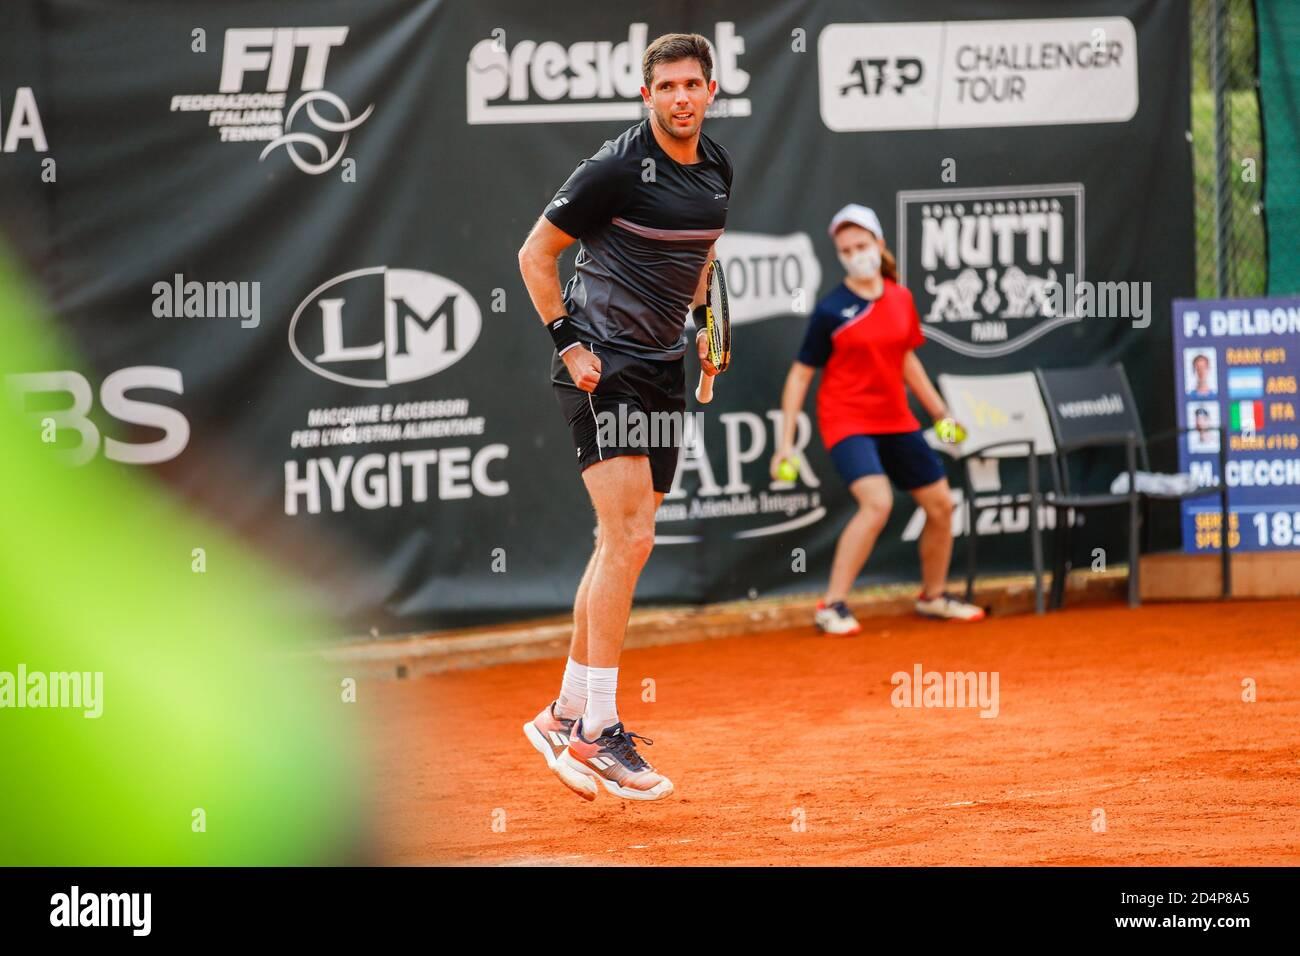 Federico Delbonis durante ATP Challenger 125 - Internazionali Emilia Romagna, Tenis Internacionales en parma, Italia, Octubre 09 2020 Foto de stock